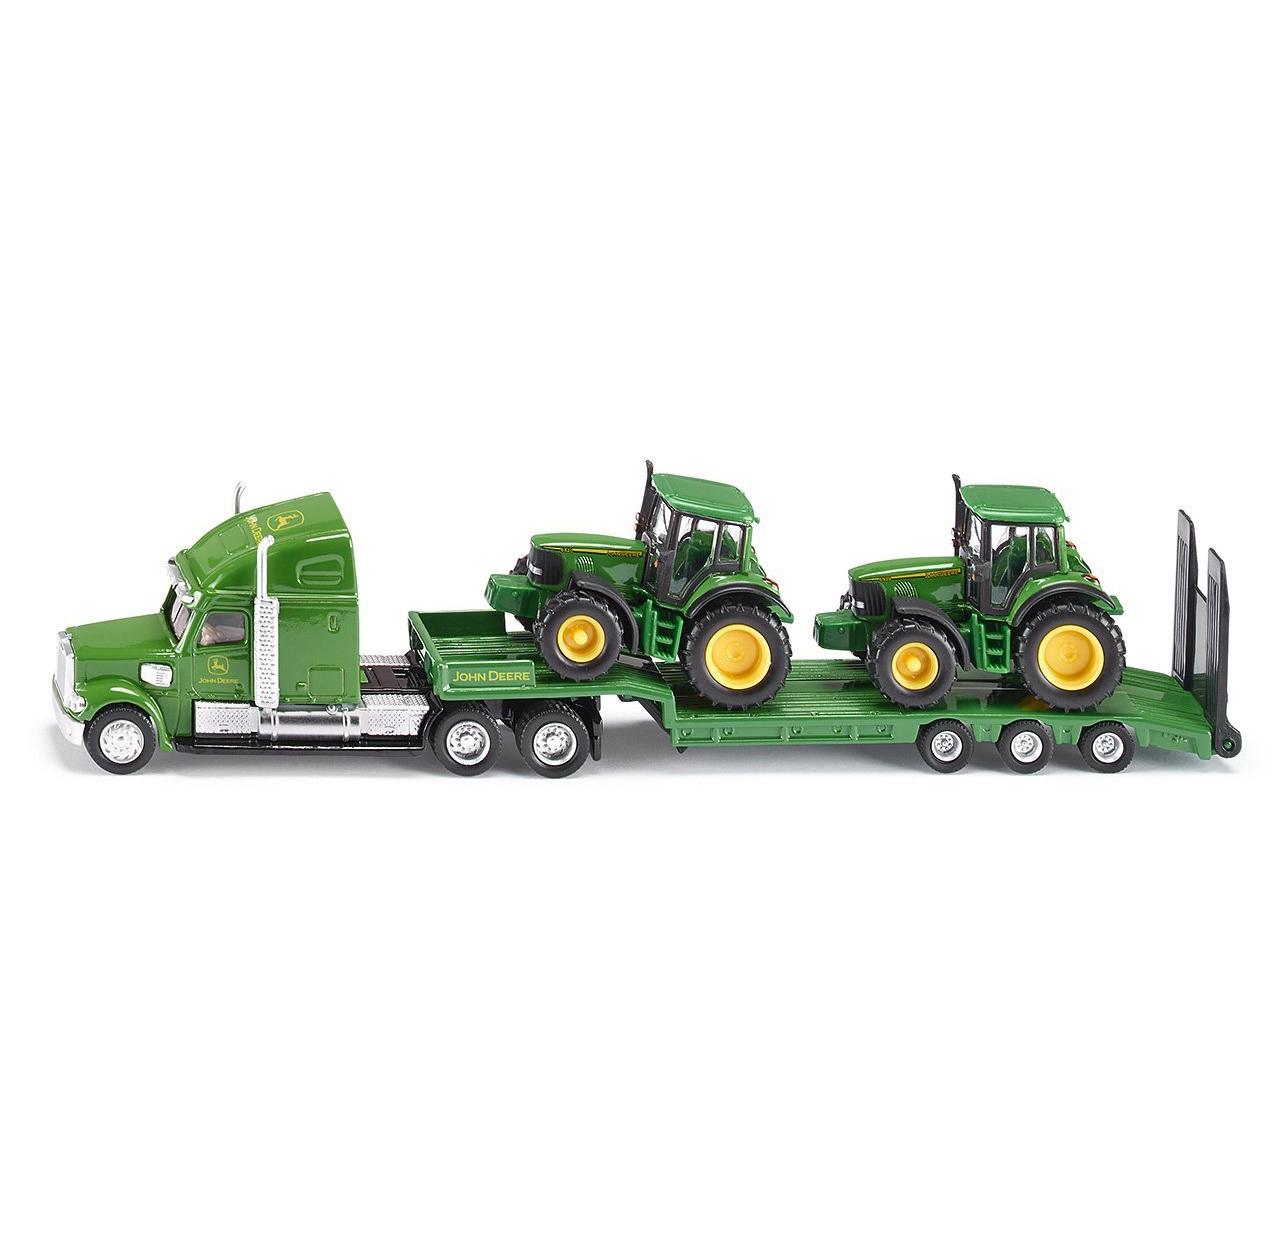 Купить Тягач с 2 тракторами Джон Дир, зеленый, масштаб 1:87, Siku